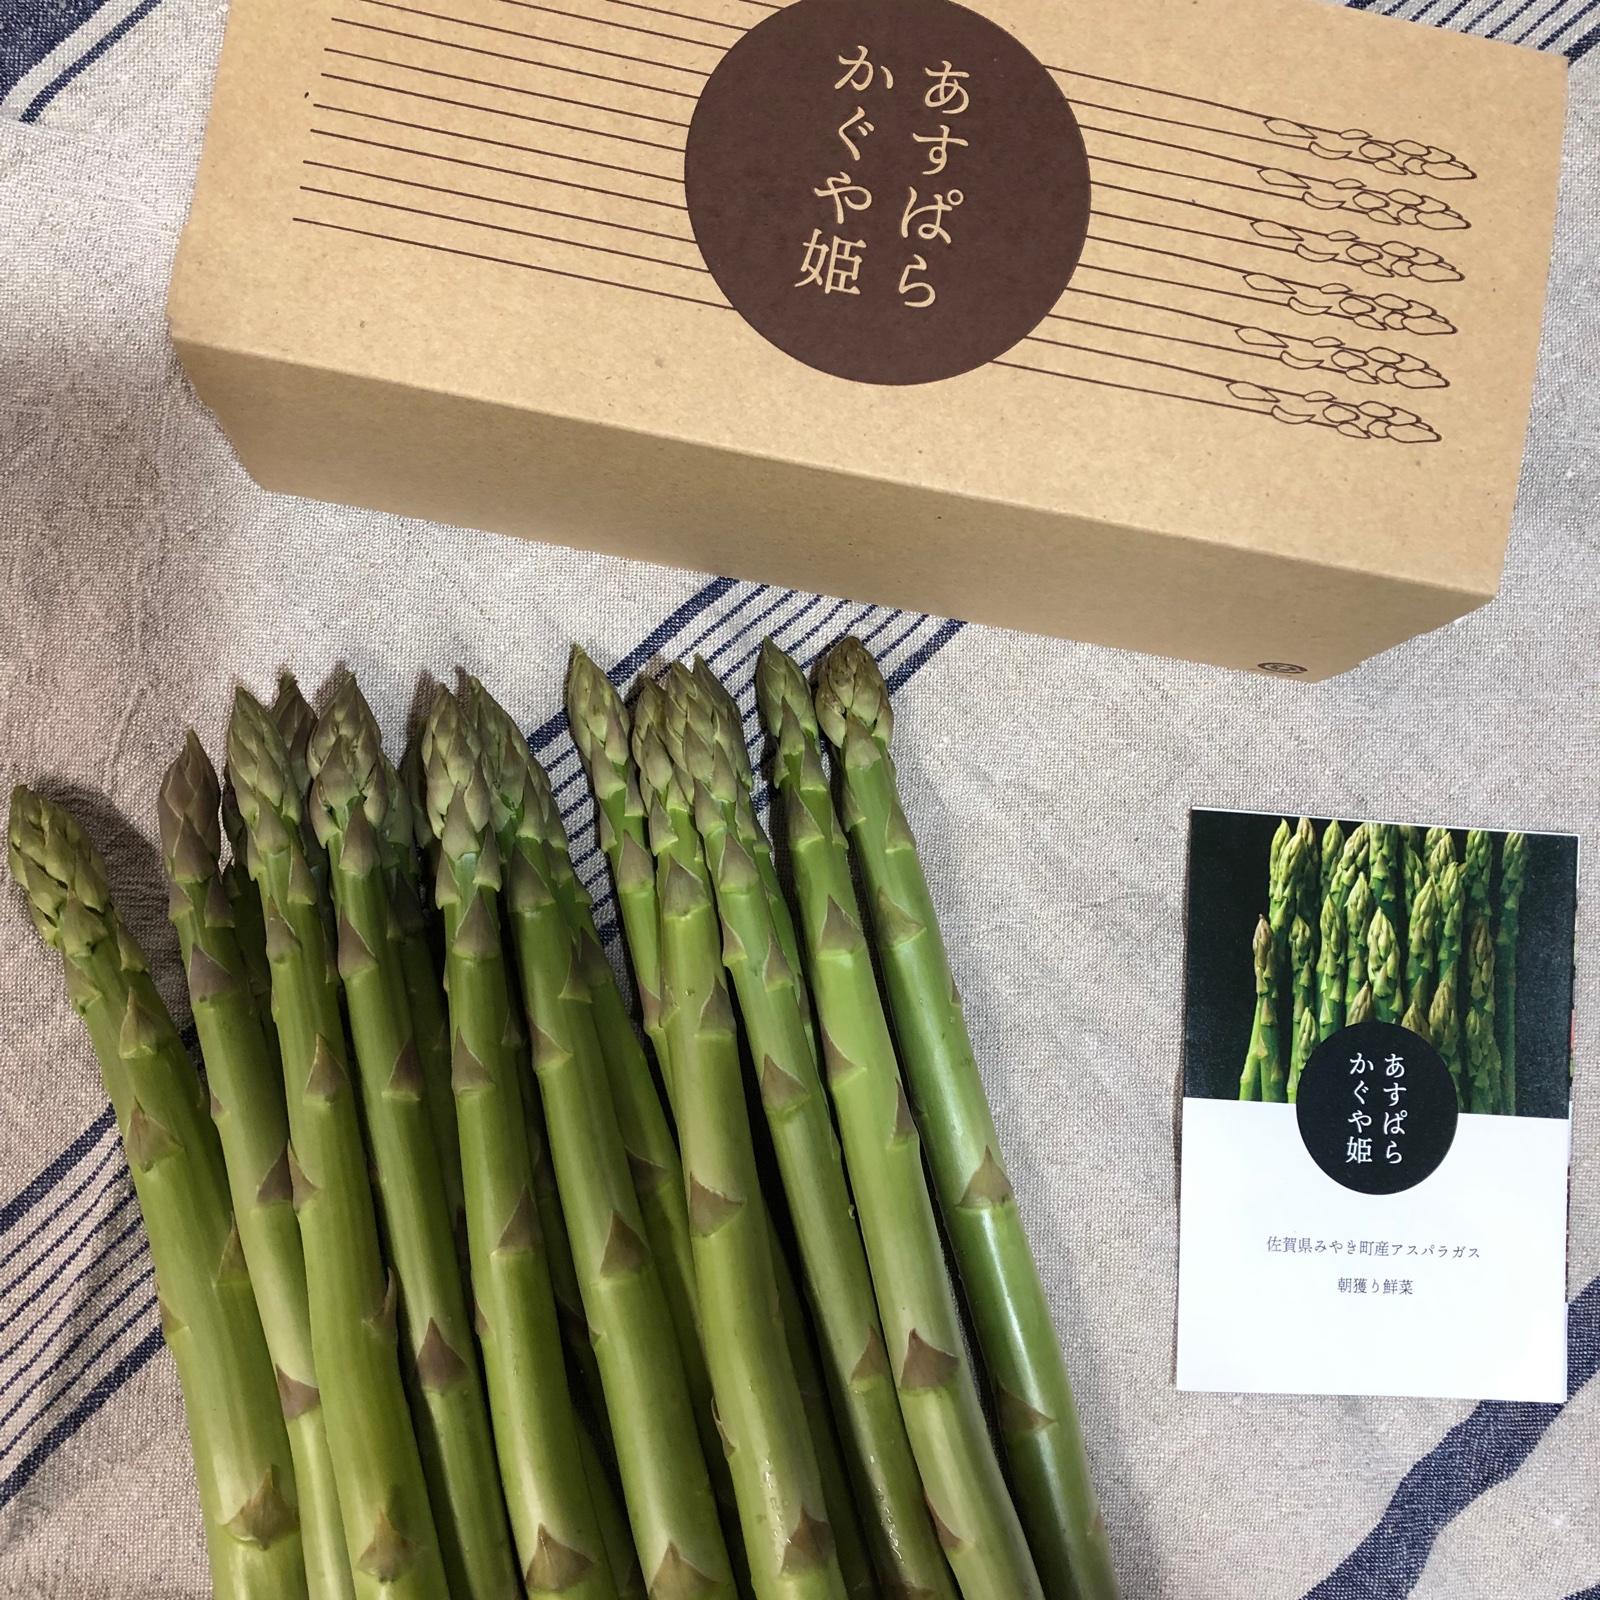 あすぱらかぐや姫 1Kg 野菜/アスパラガス通販